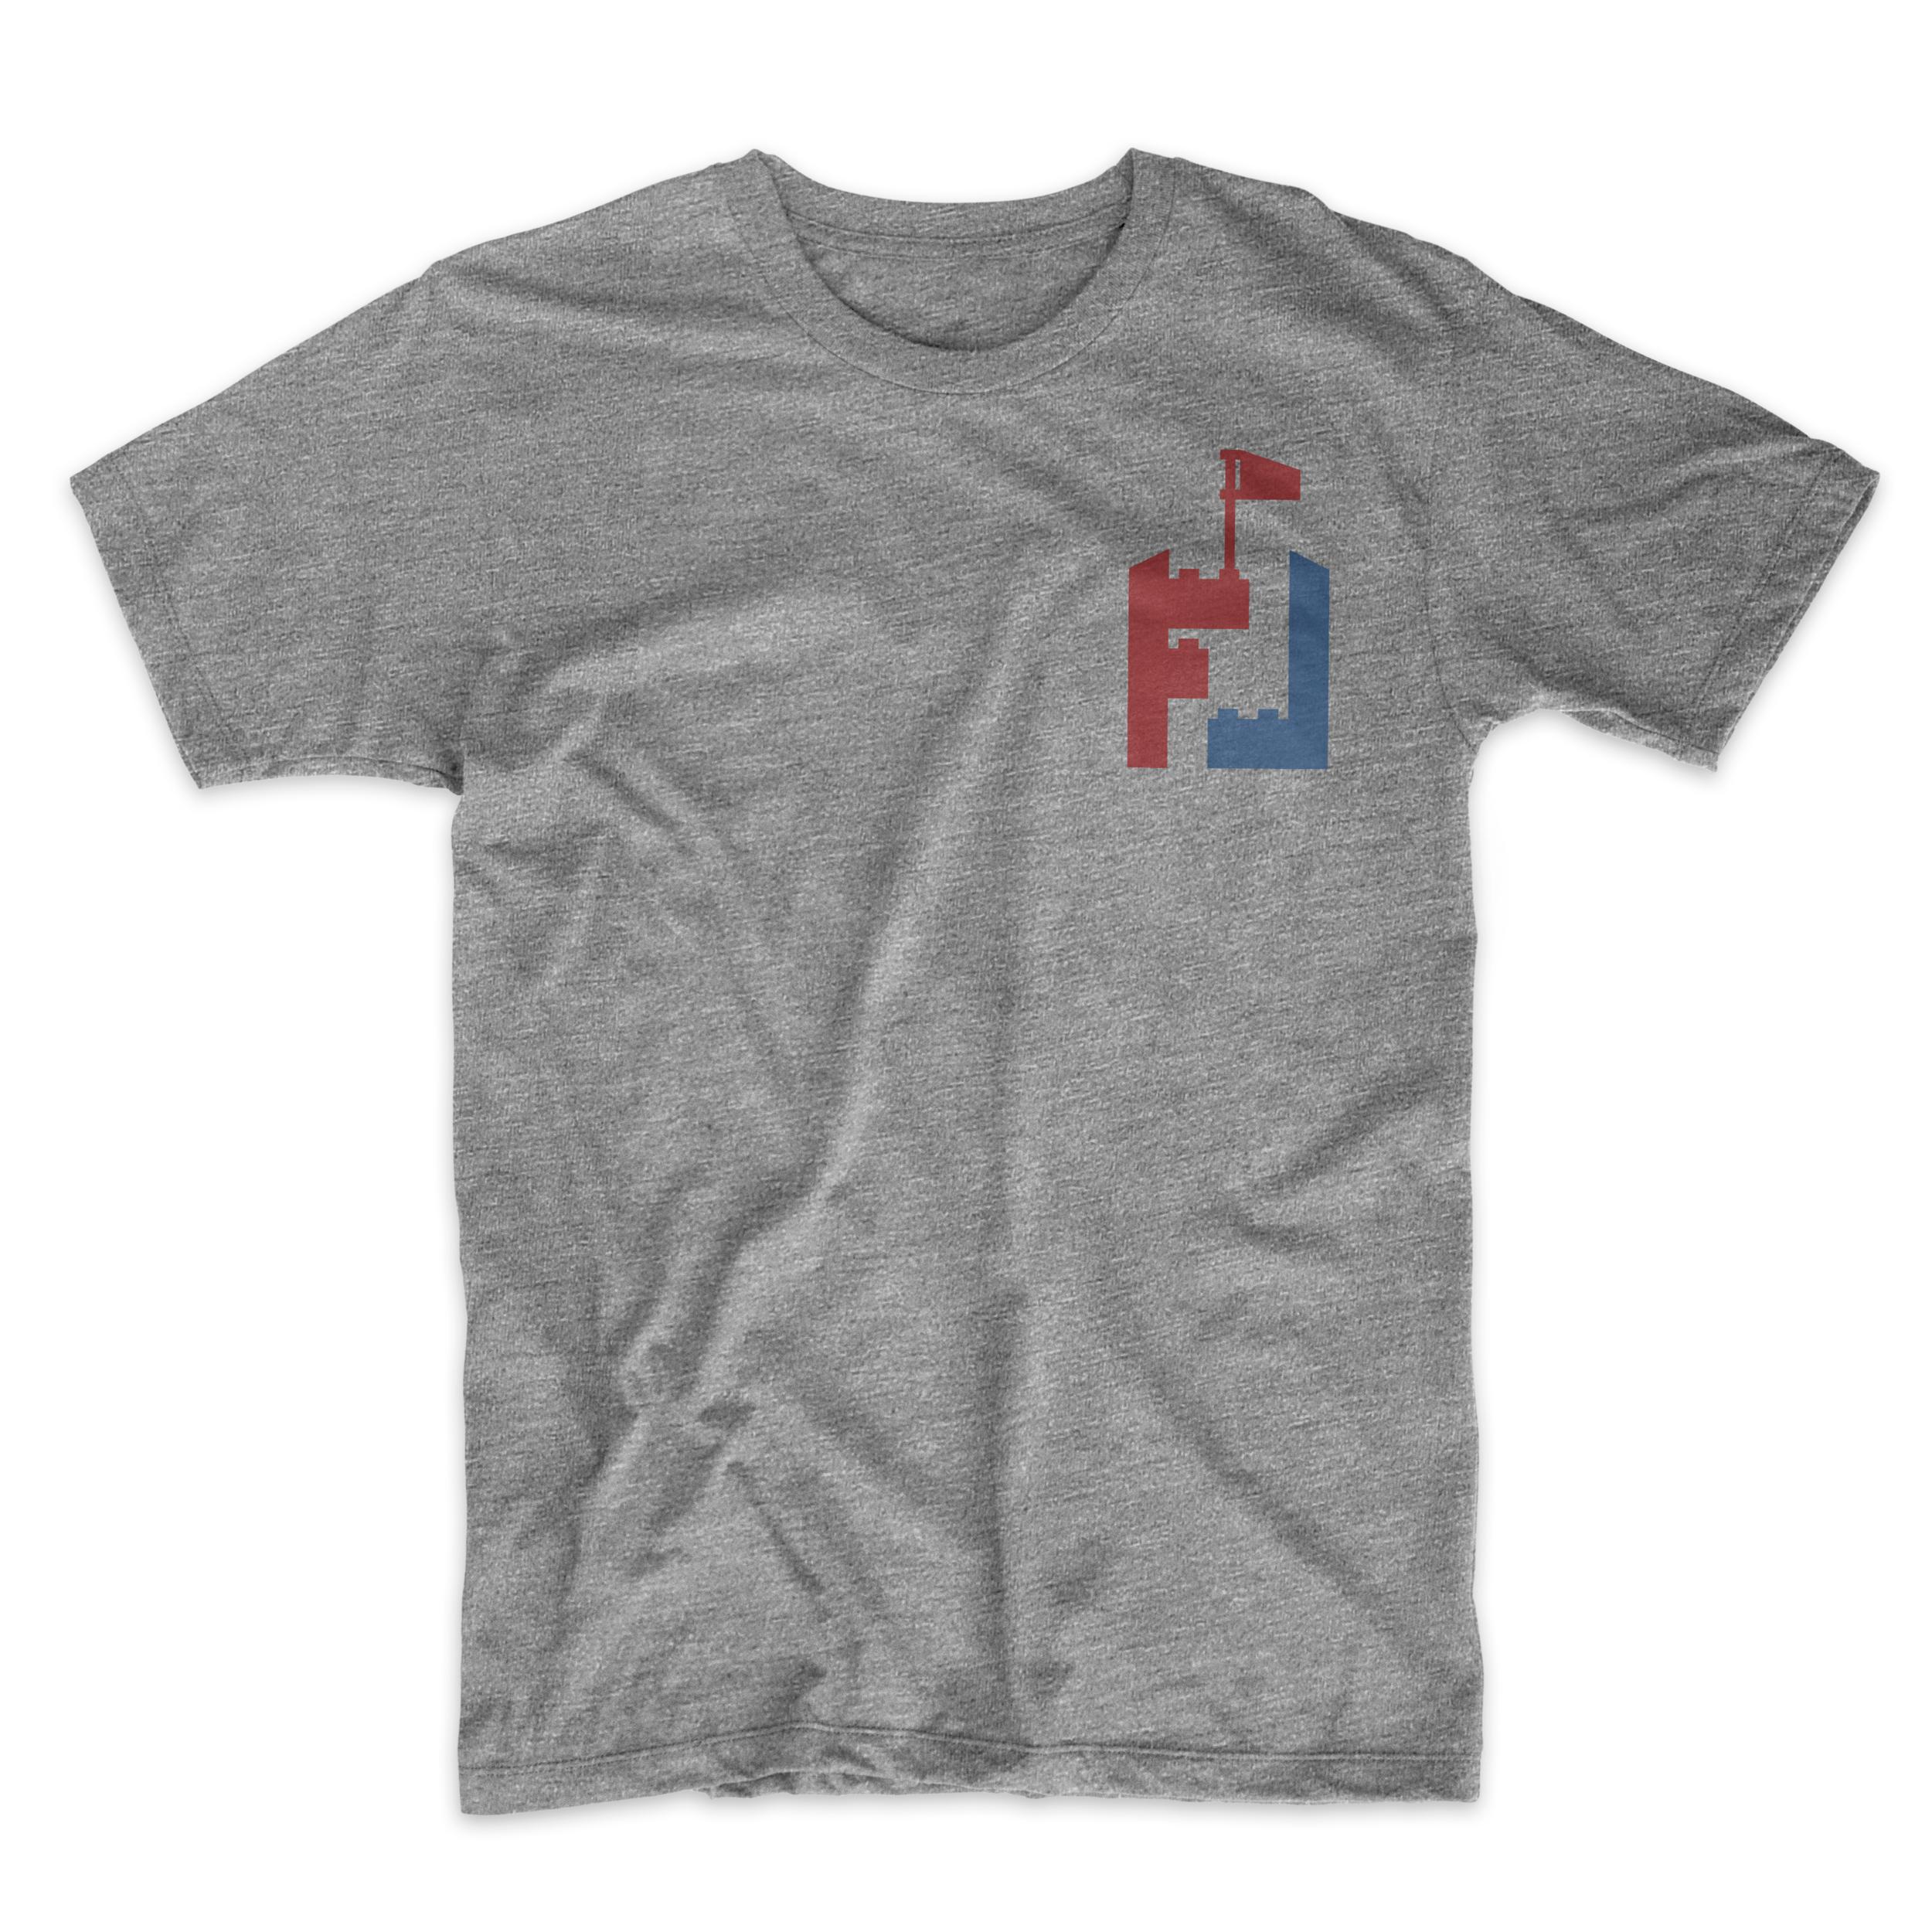 Front t-shirt mockup.